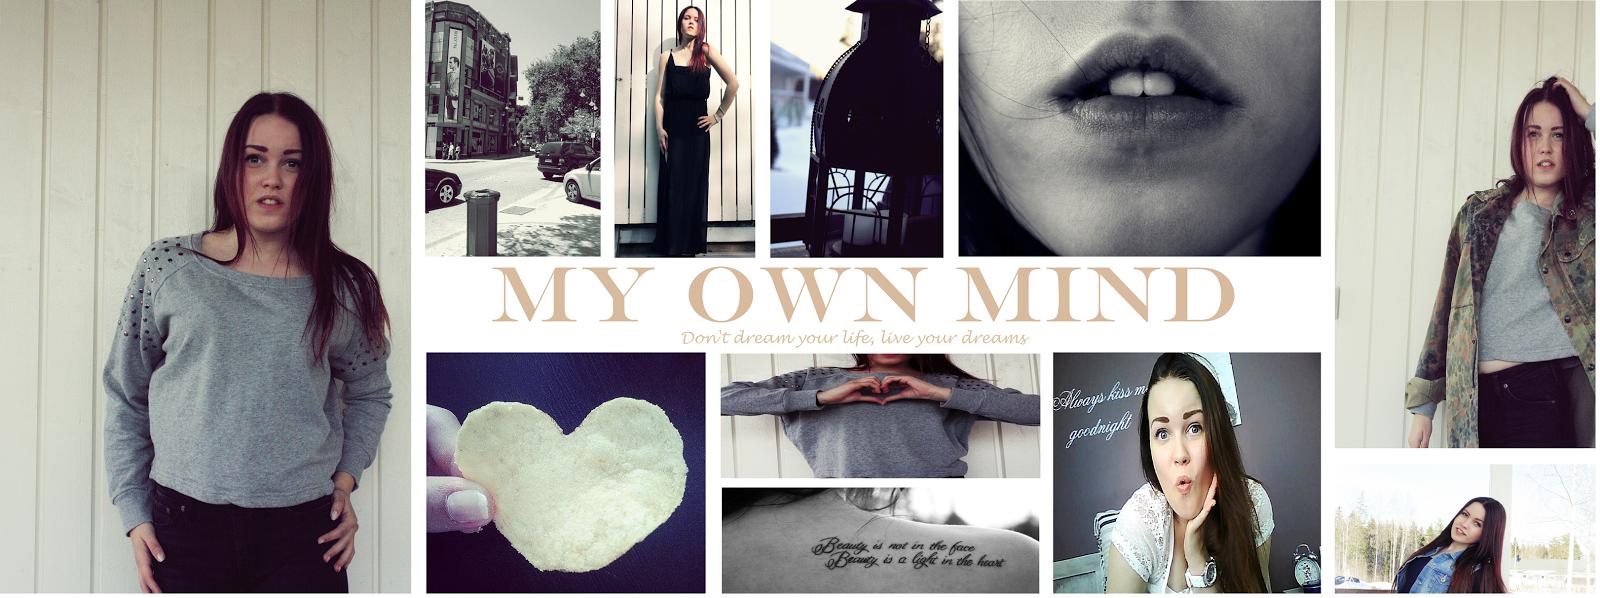 My own mind